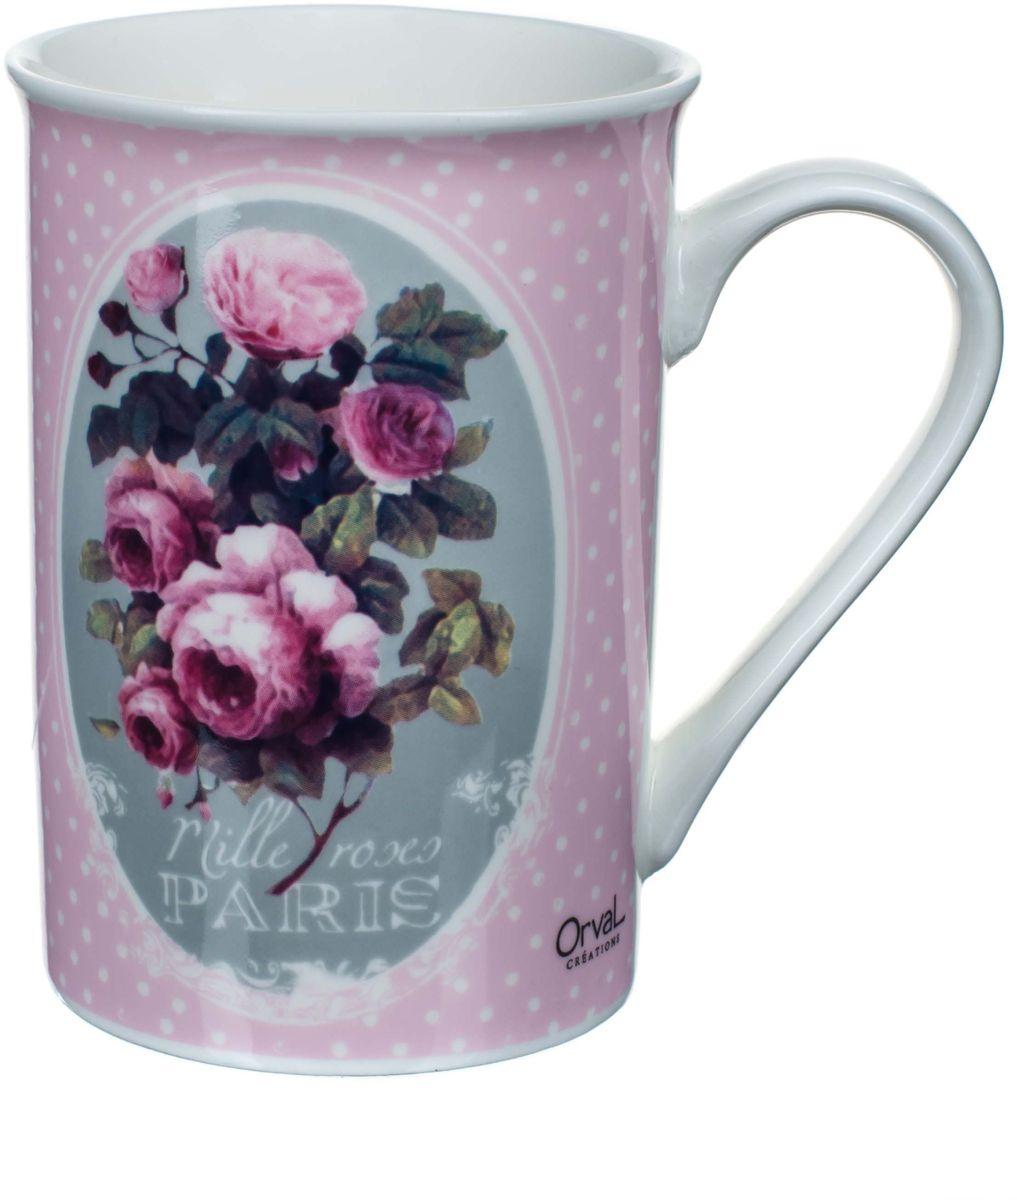 Кружка ORVAL Тысяча роз Парижа, 270 млVT-1520(SR)Изысканная, стильная и утонченная керамическая чашка всегда была и будет в цене, а все благодаря своему качеству и оригинальности.